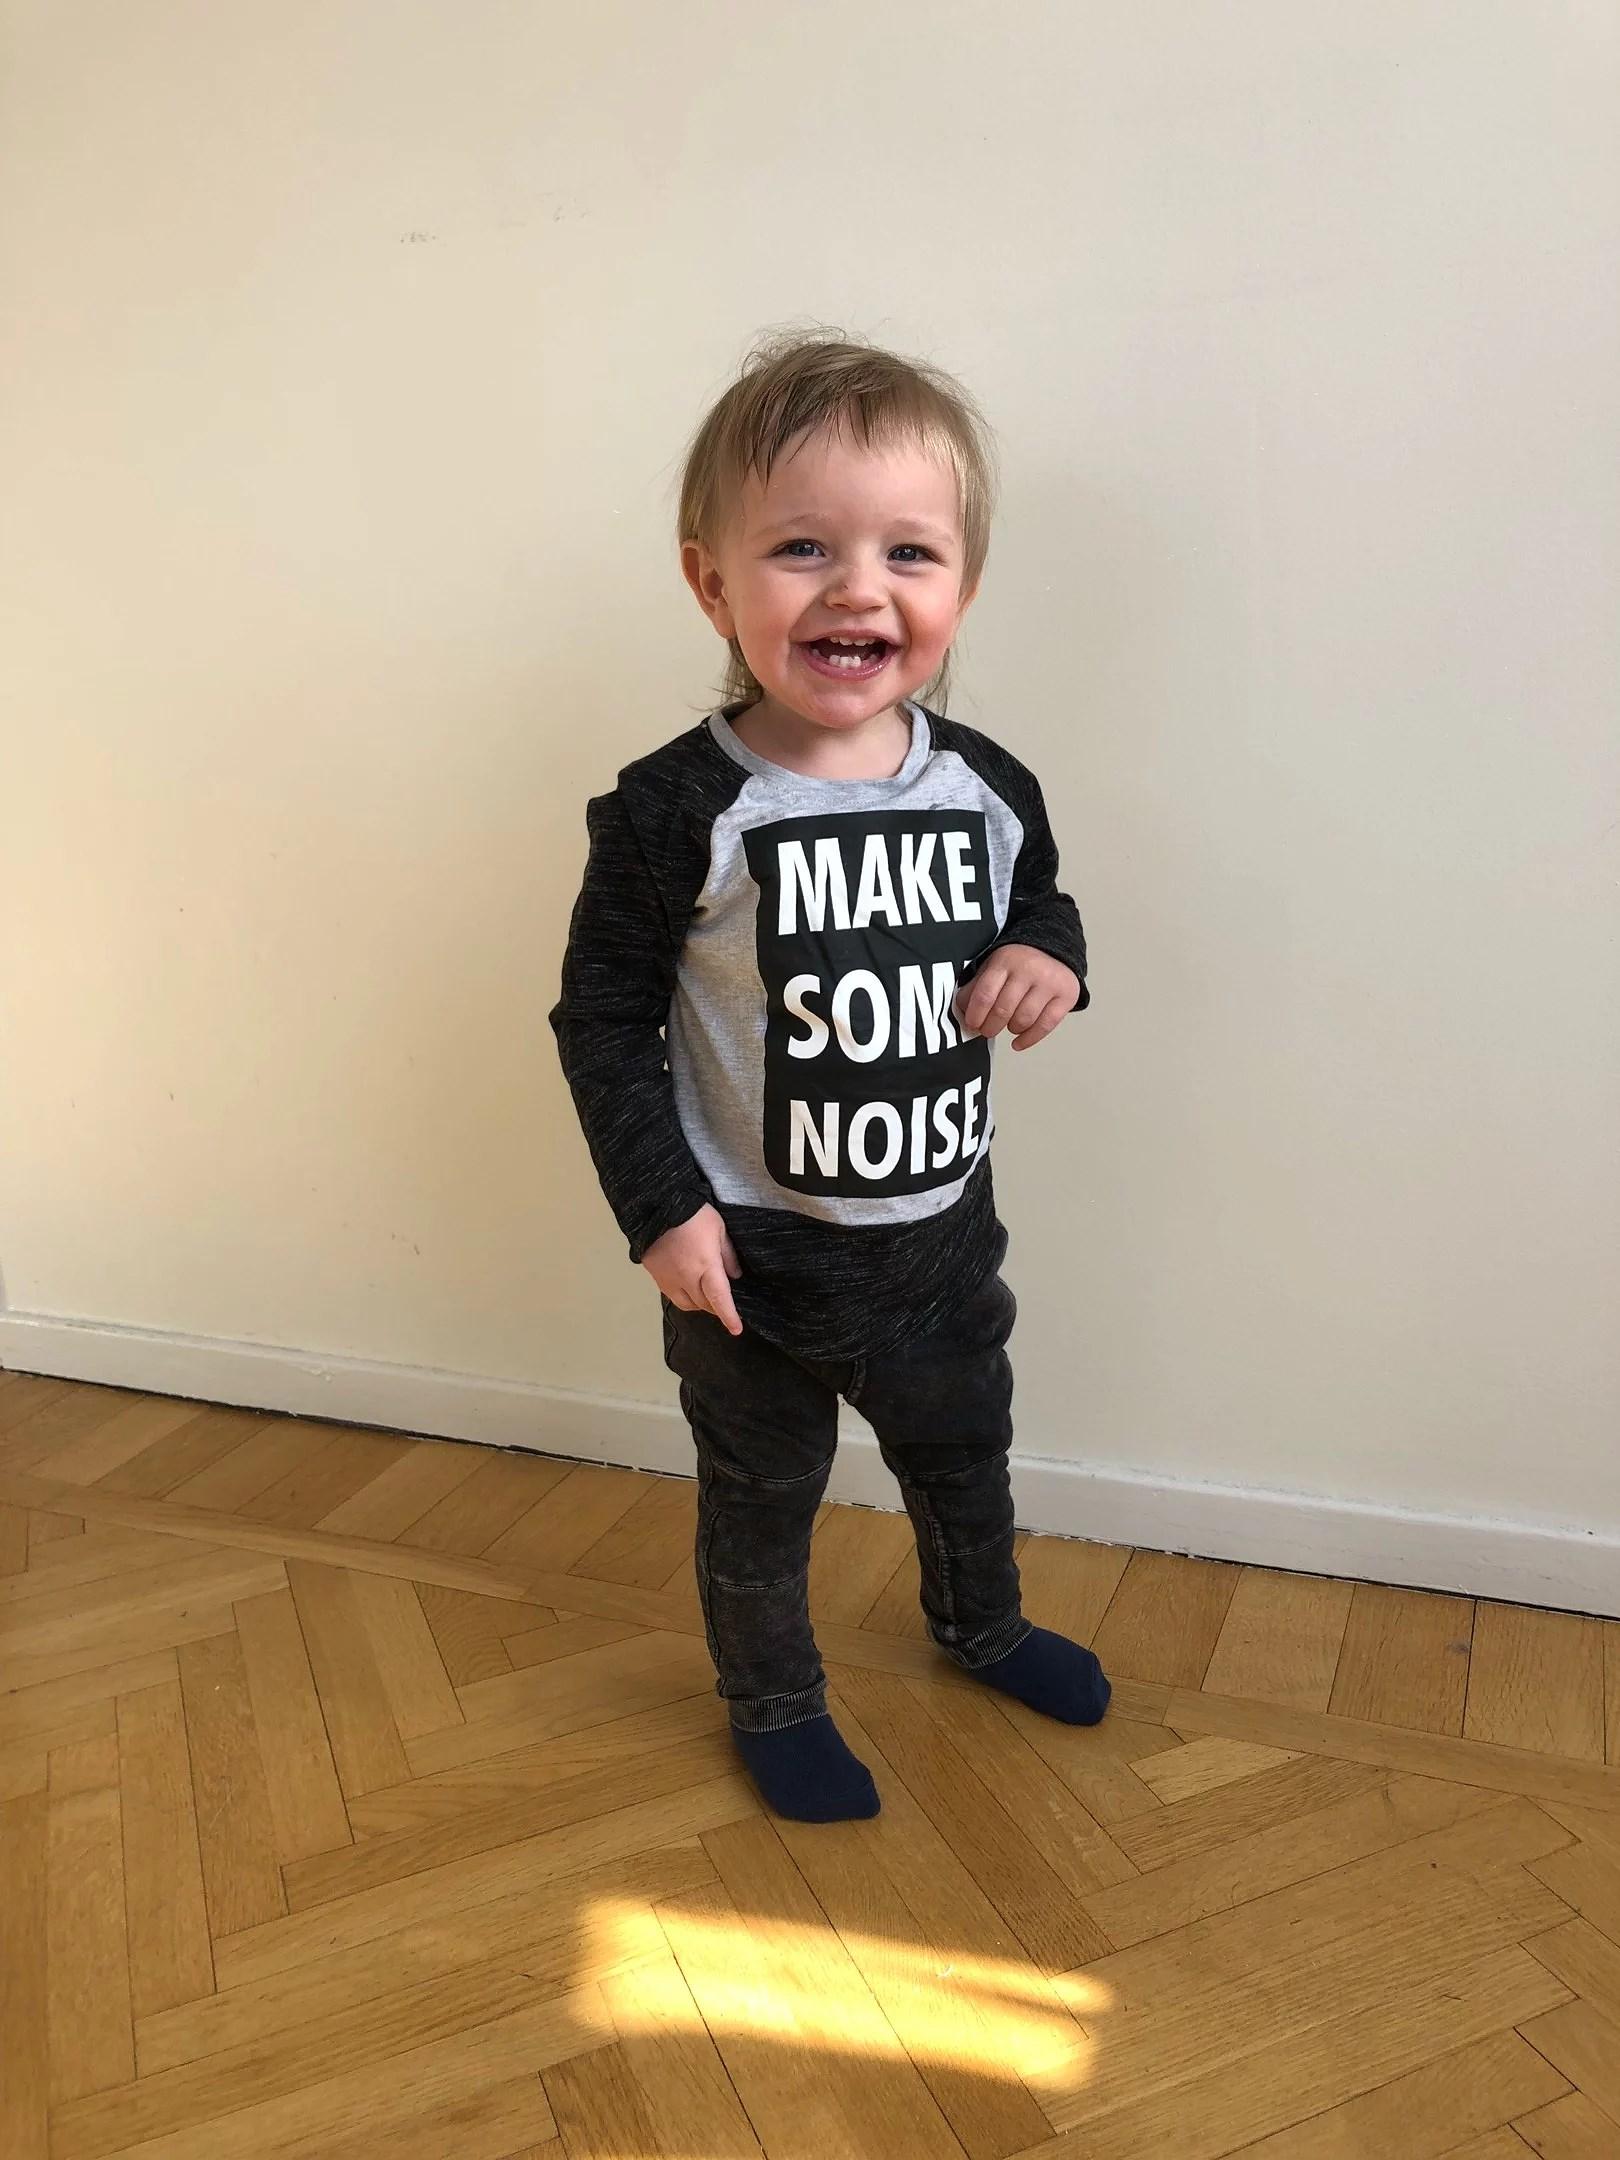 Allt om min son